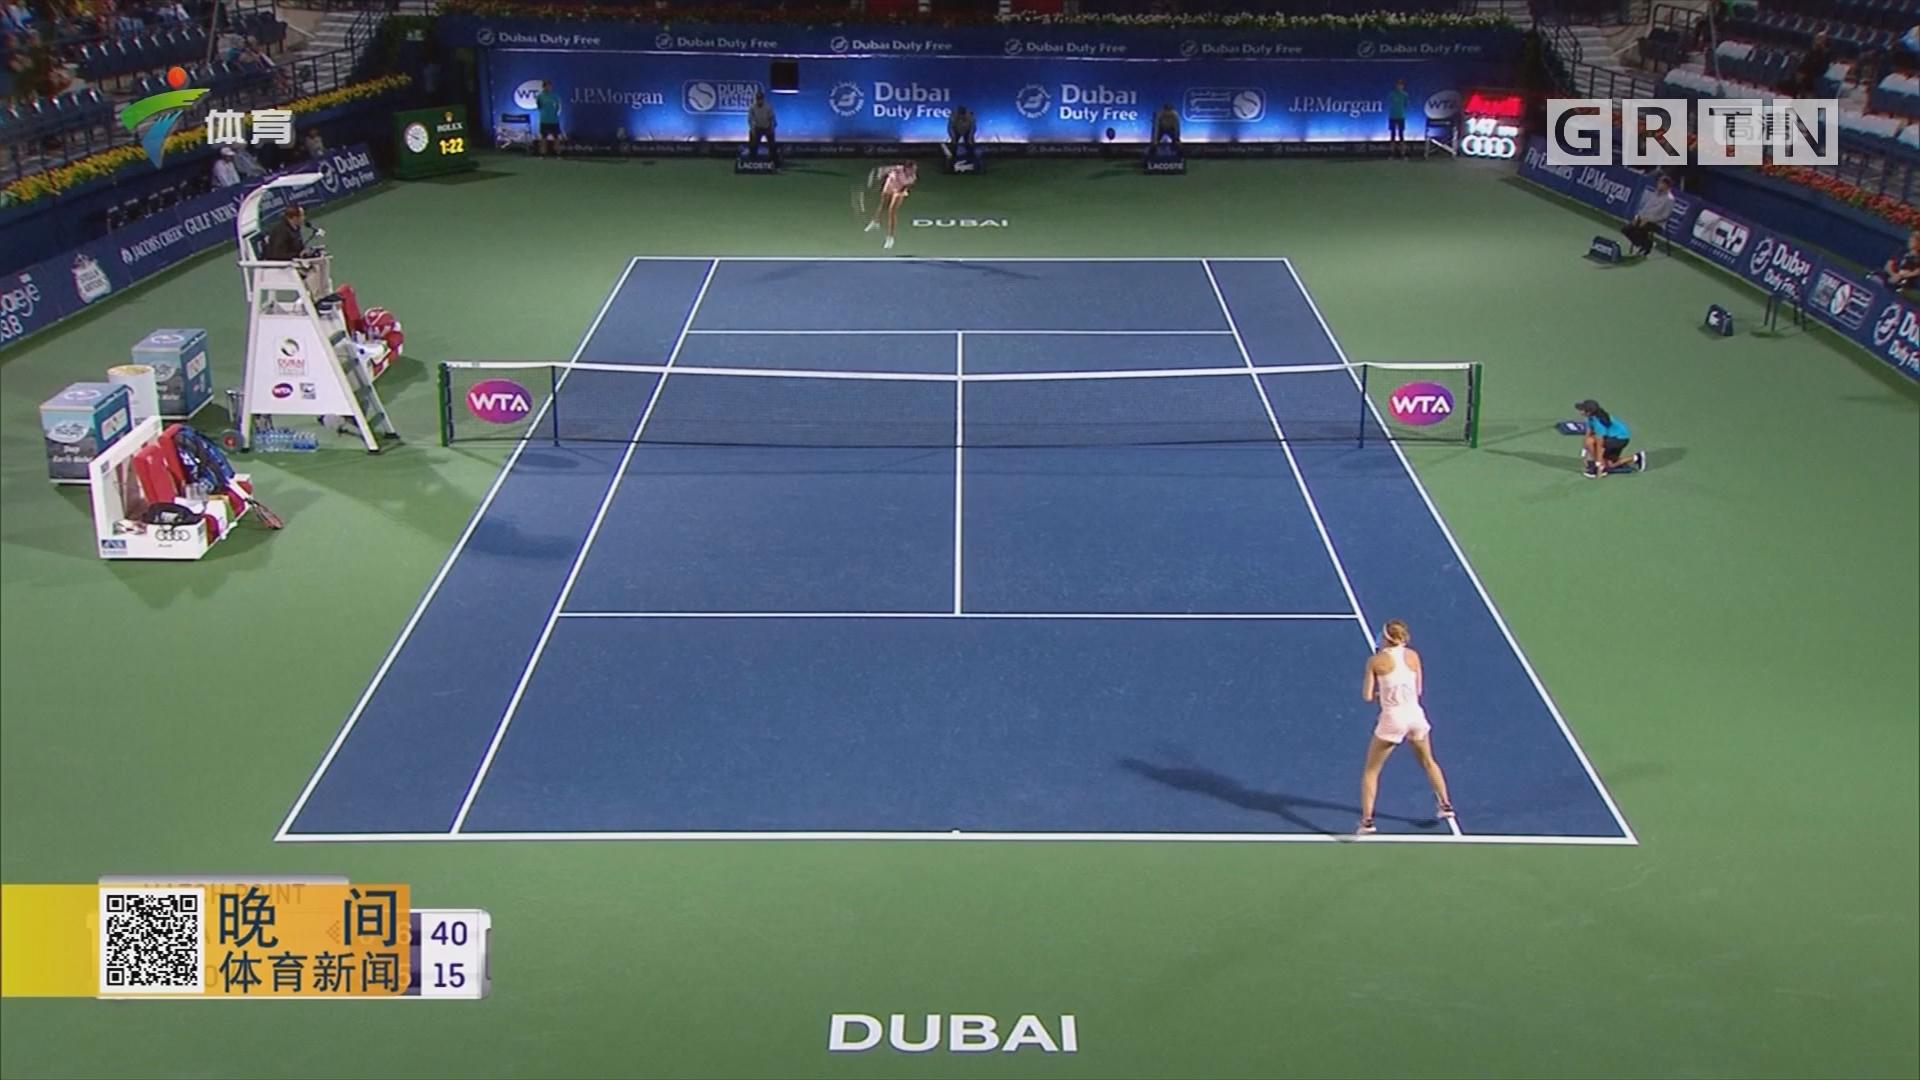 WTA迪拜赛 科贝尔完胜斯特里科娃